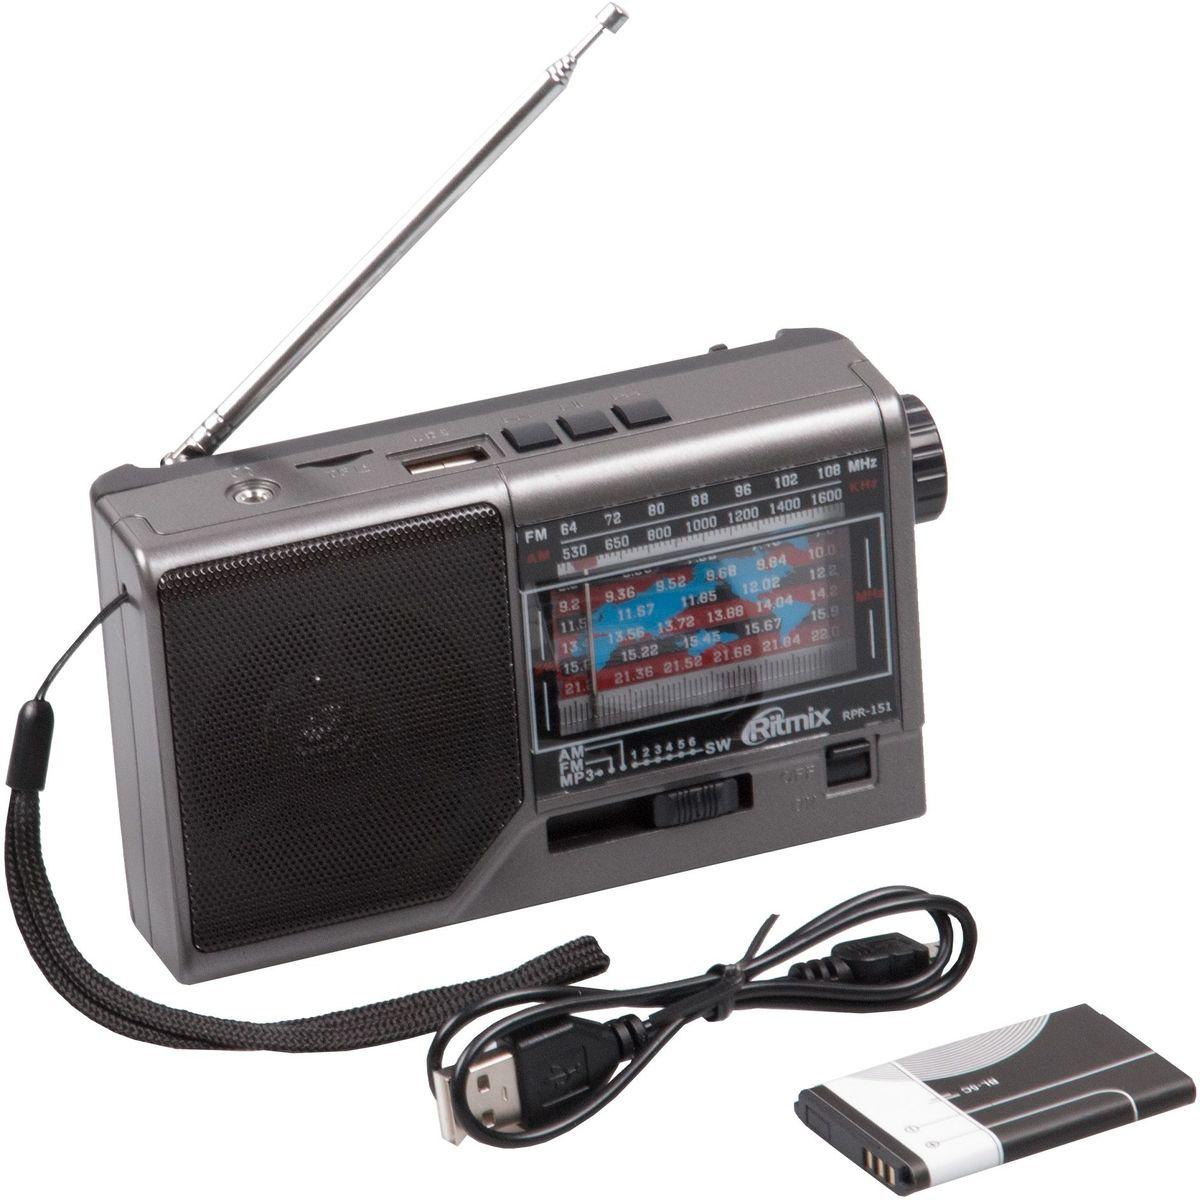 Радиоприемник Ritmix RPR-151 радиоприемник ritmix rpr 444